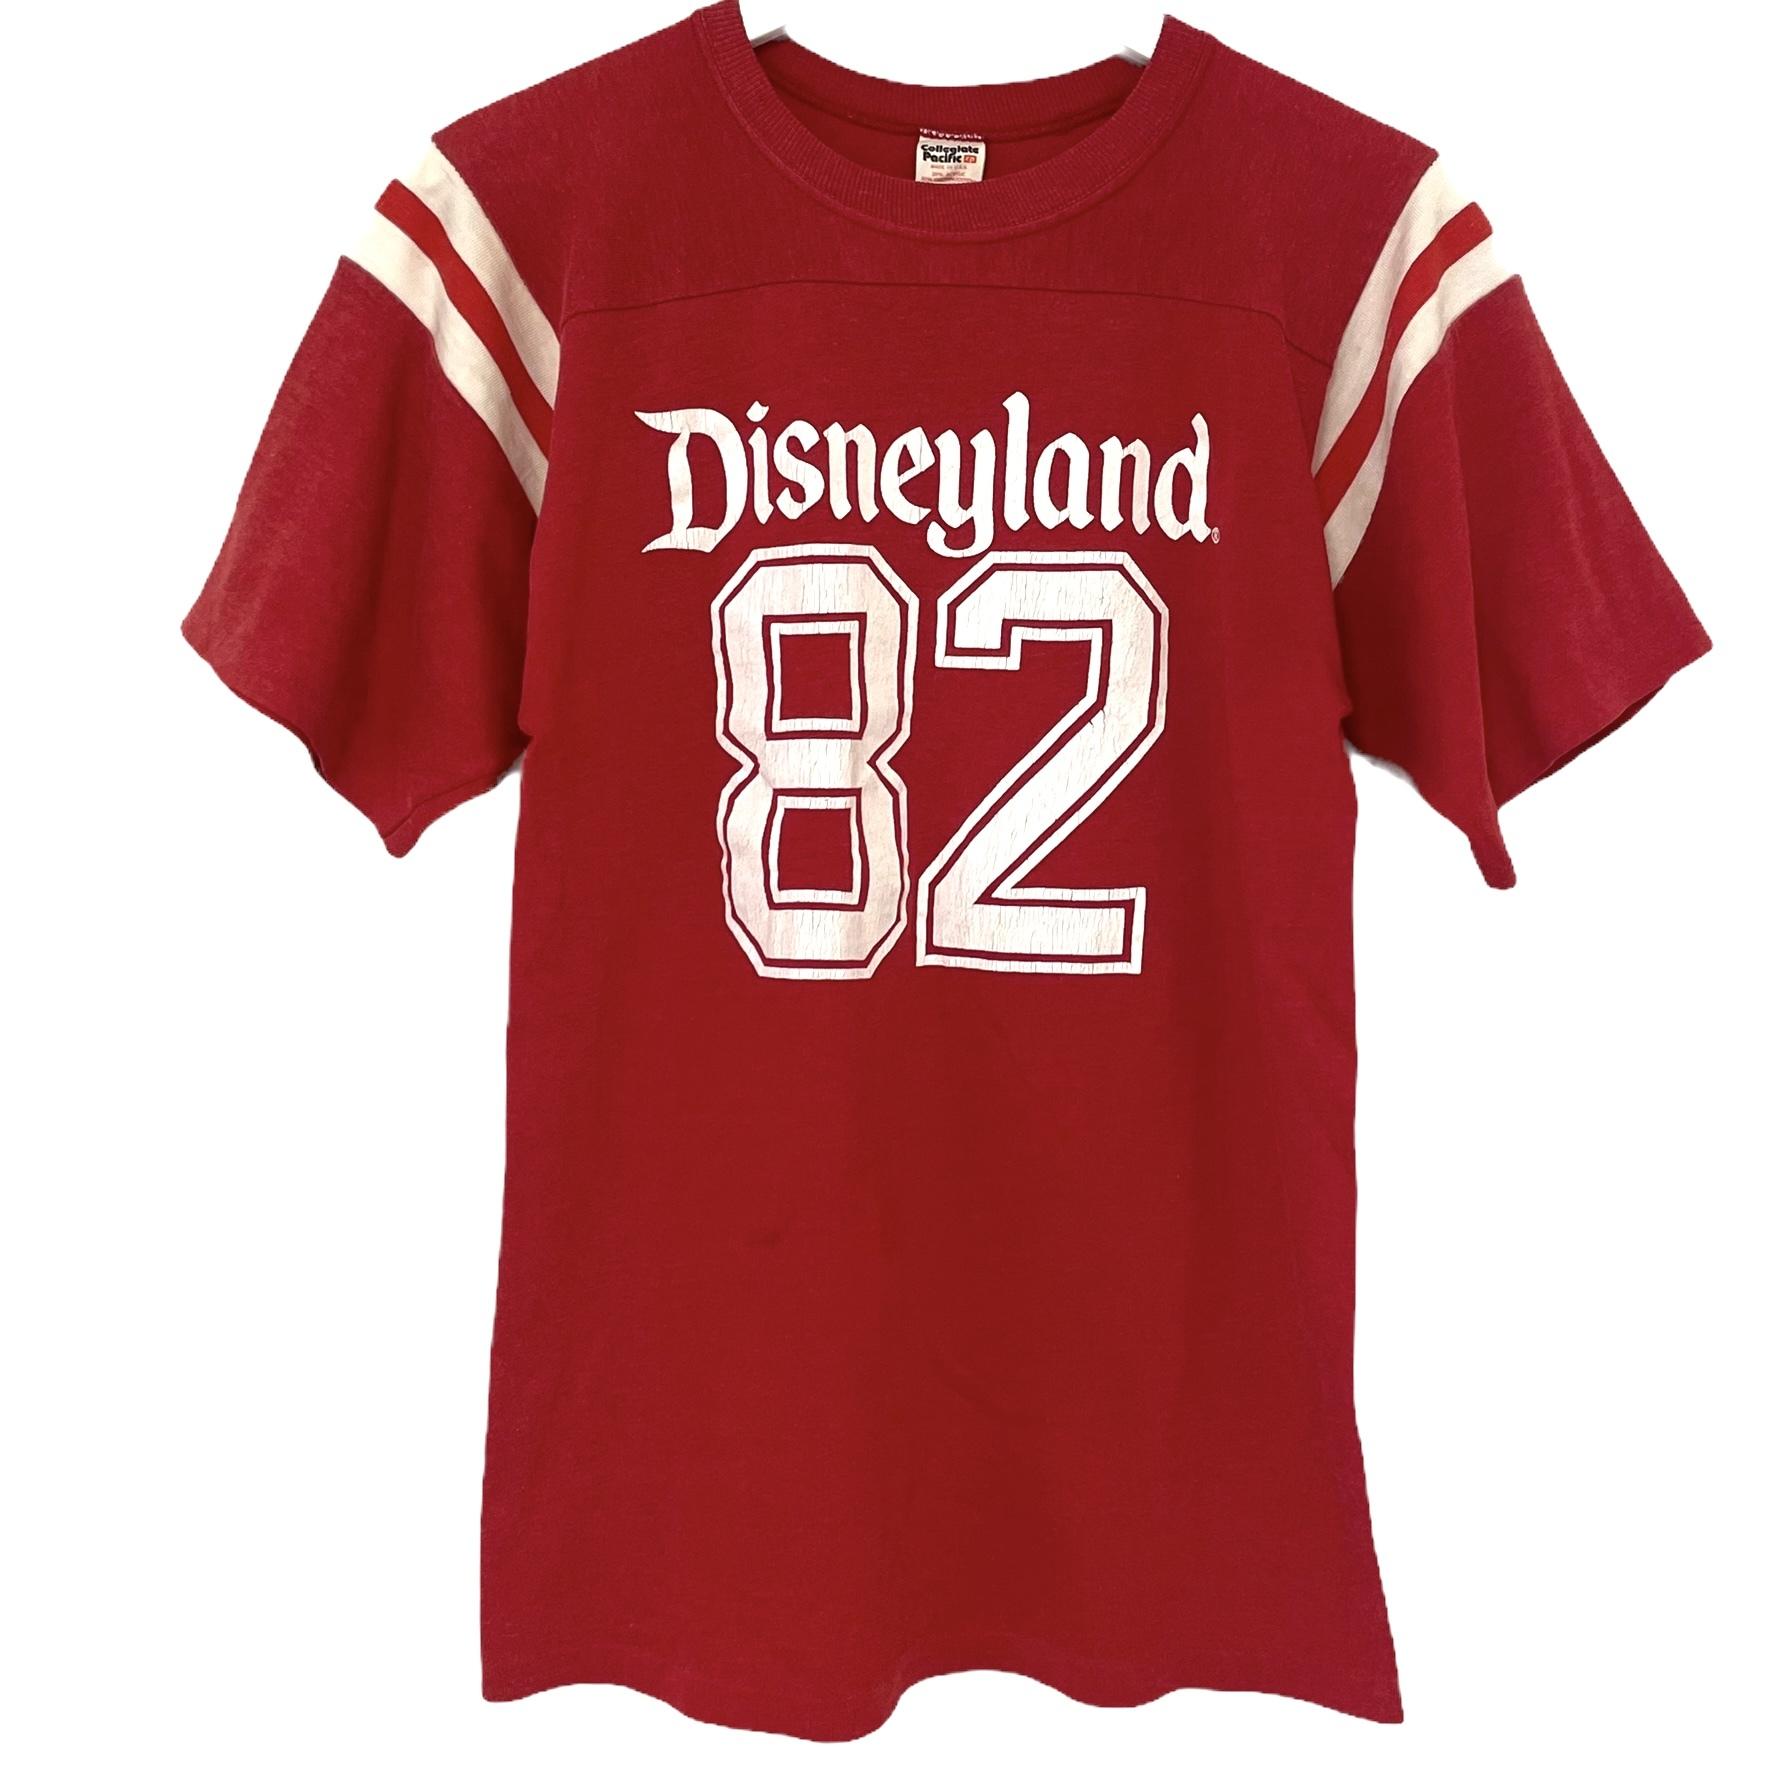 80's Collegiate Pacifc Football T Disneyland 82【M】